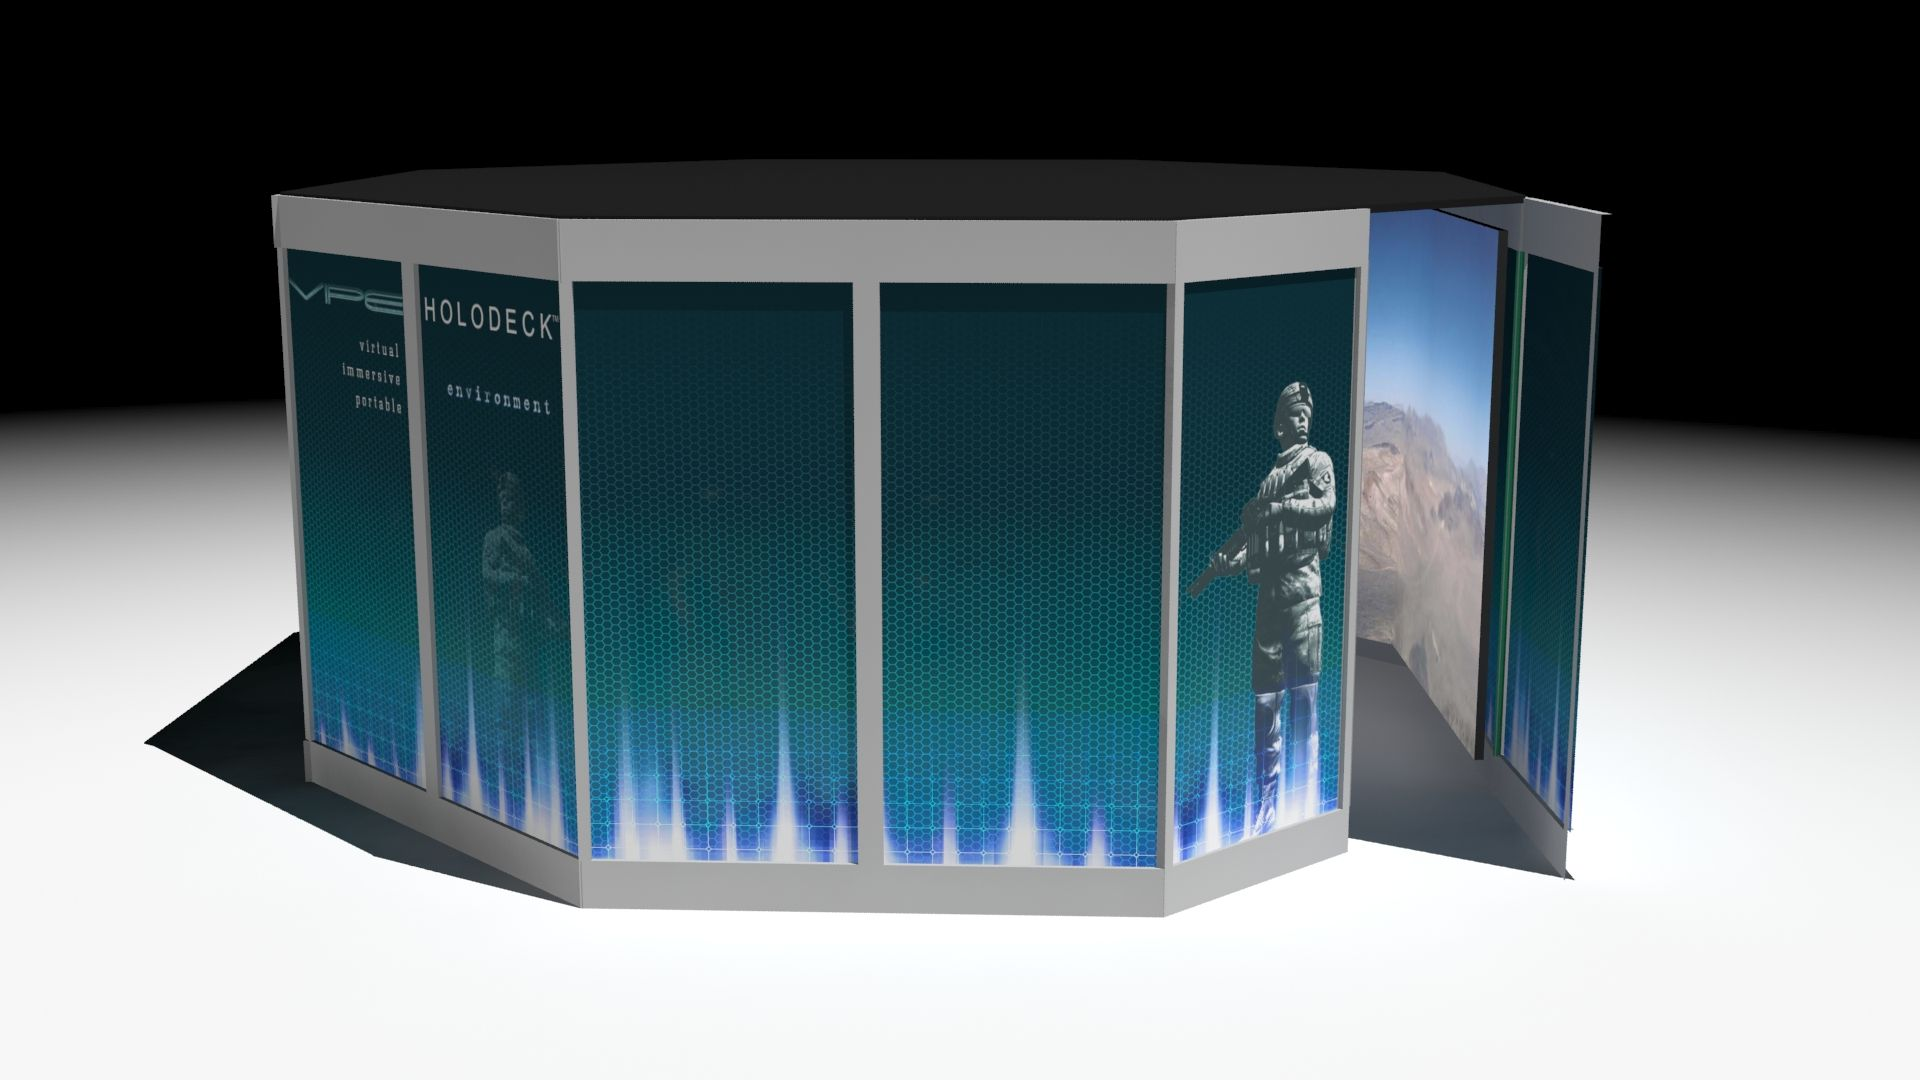 VIPE Holodeck: Virtueller Trainingsraum für Soldaten & Polizisten (Foto: Northrop Grumman)